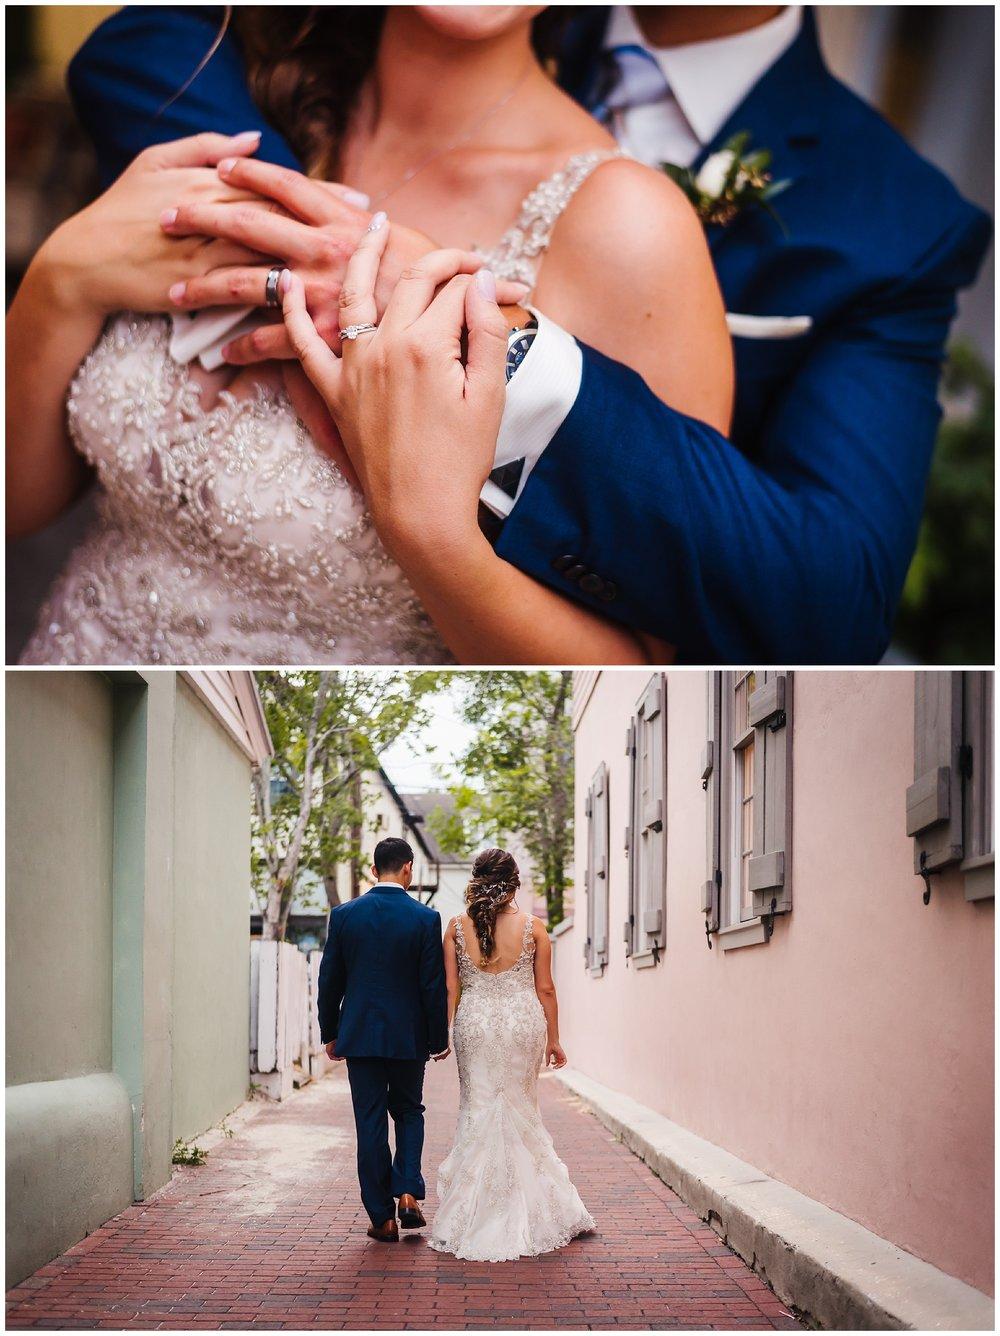 st-augustine-destination-wedding-photographer-white-room-villa-blanca-flagler-first-look_0044.jpg